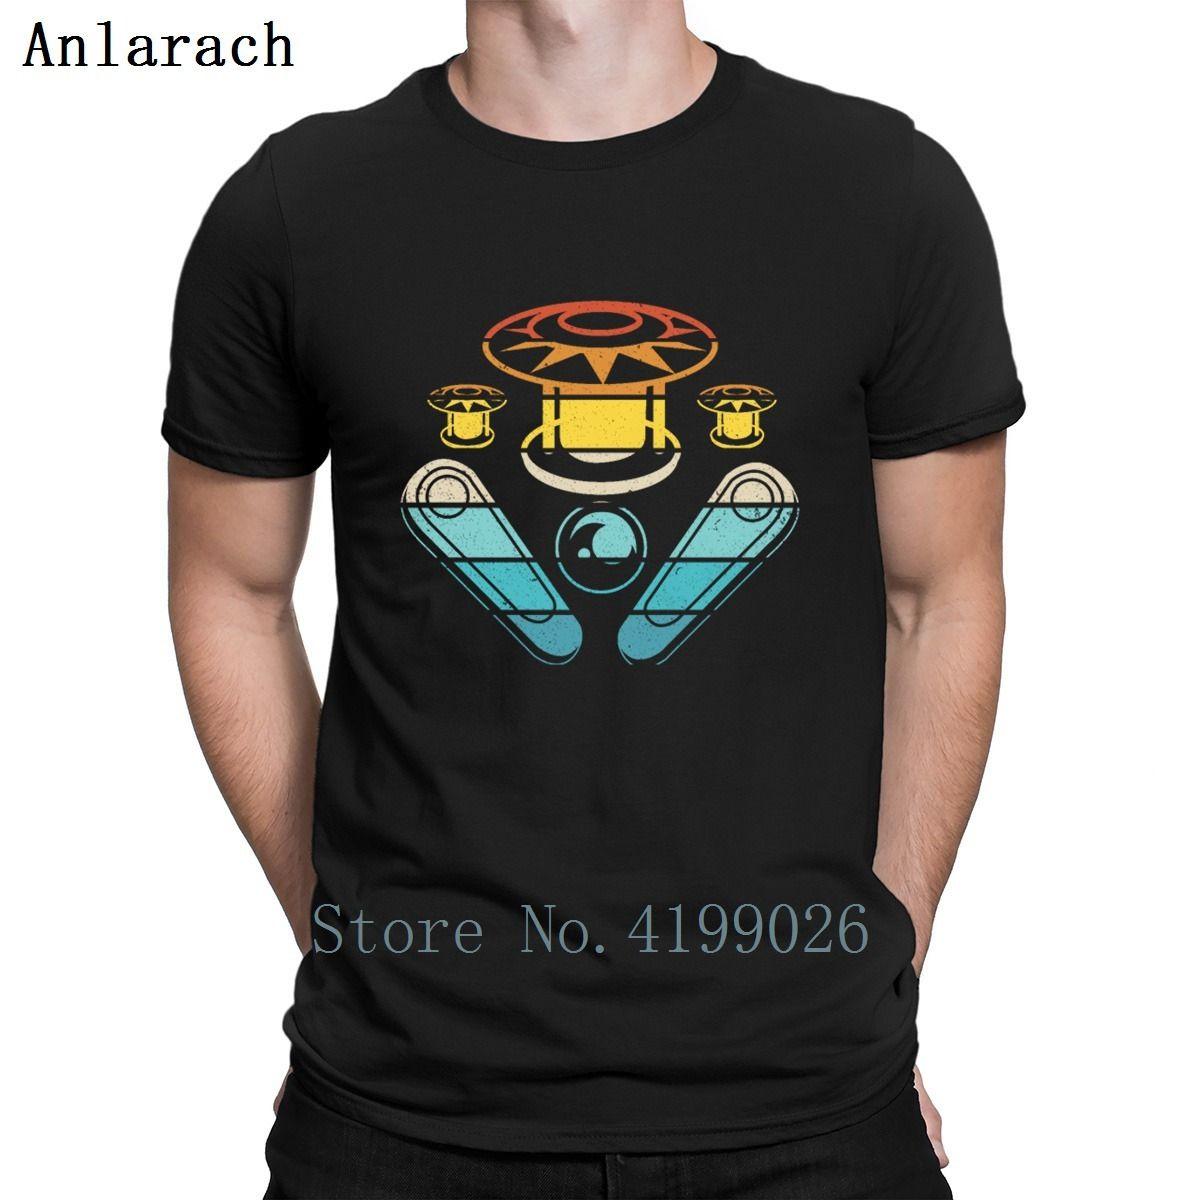 Pinball Wizard Flipper jeu d'arcade rétro T-shirt de conception S-5XL célèbre Printemps Automne nouveau style T-shirt officiel Photos Chemise